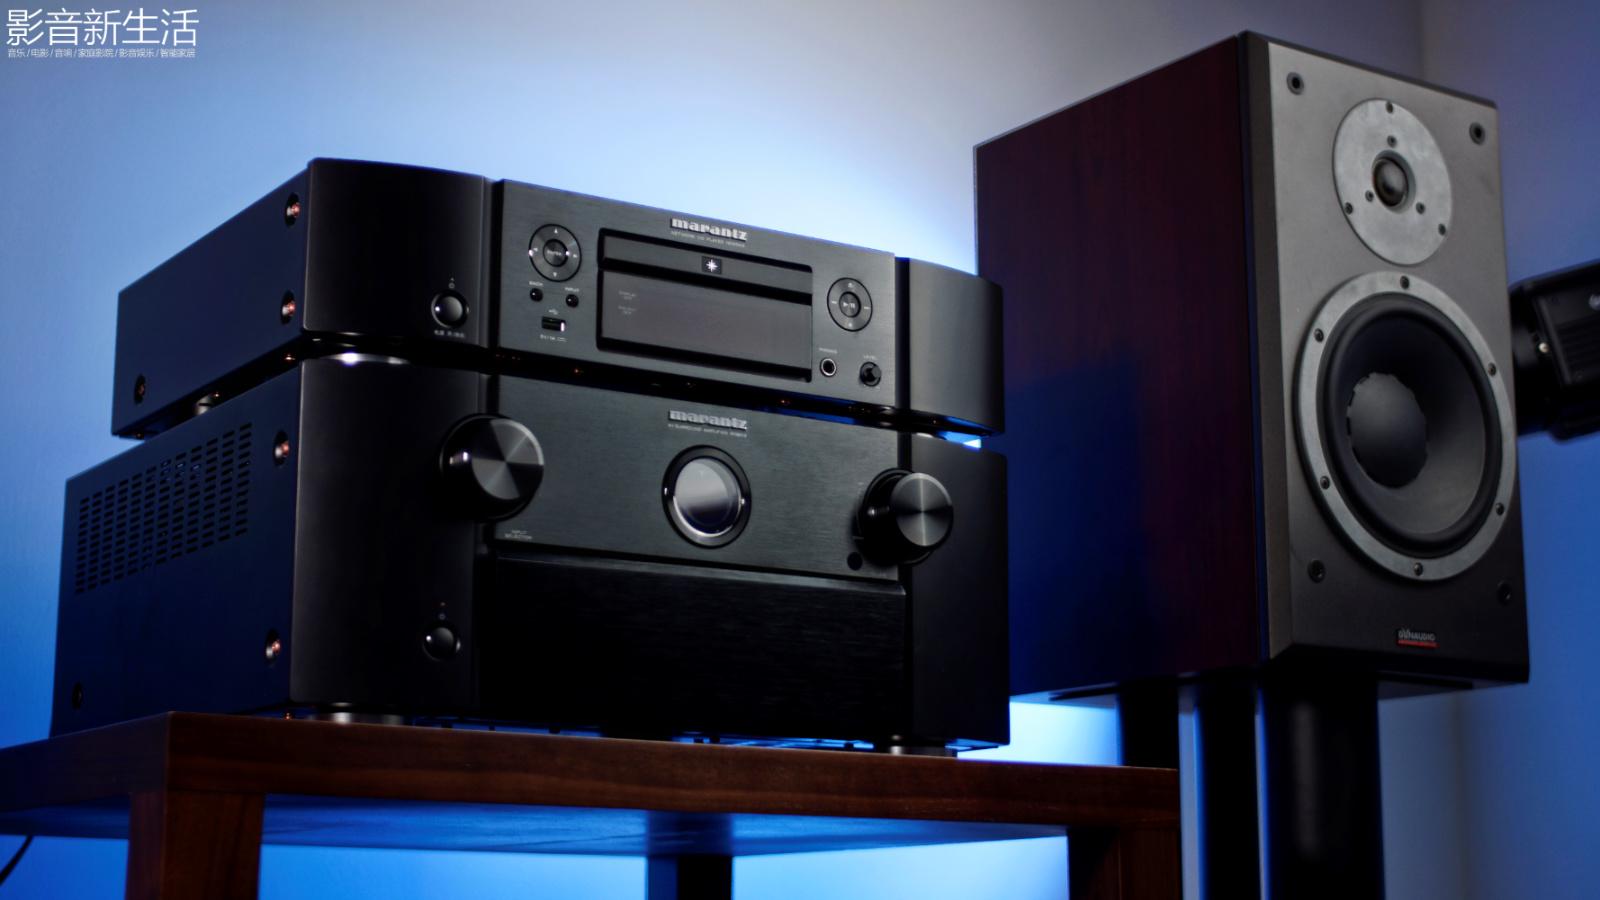 推荐 | 实现家庭网络、本地USB储存、在线音源播放、HEOS支持和DAC功能!全新Marantz ND8006登场!